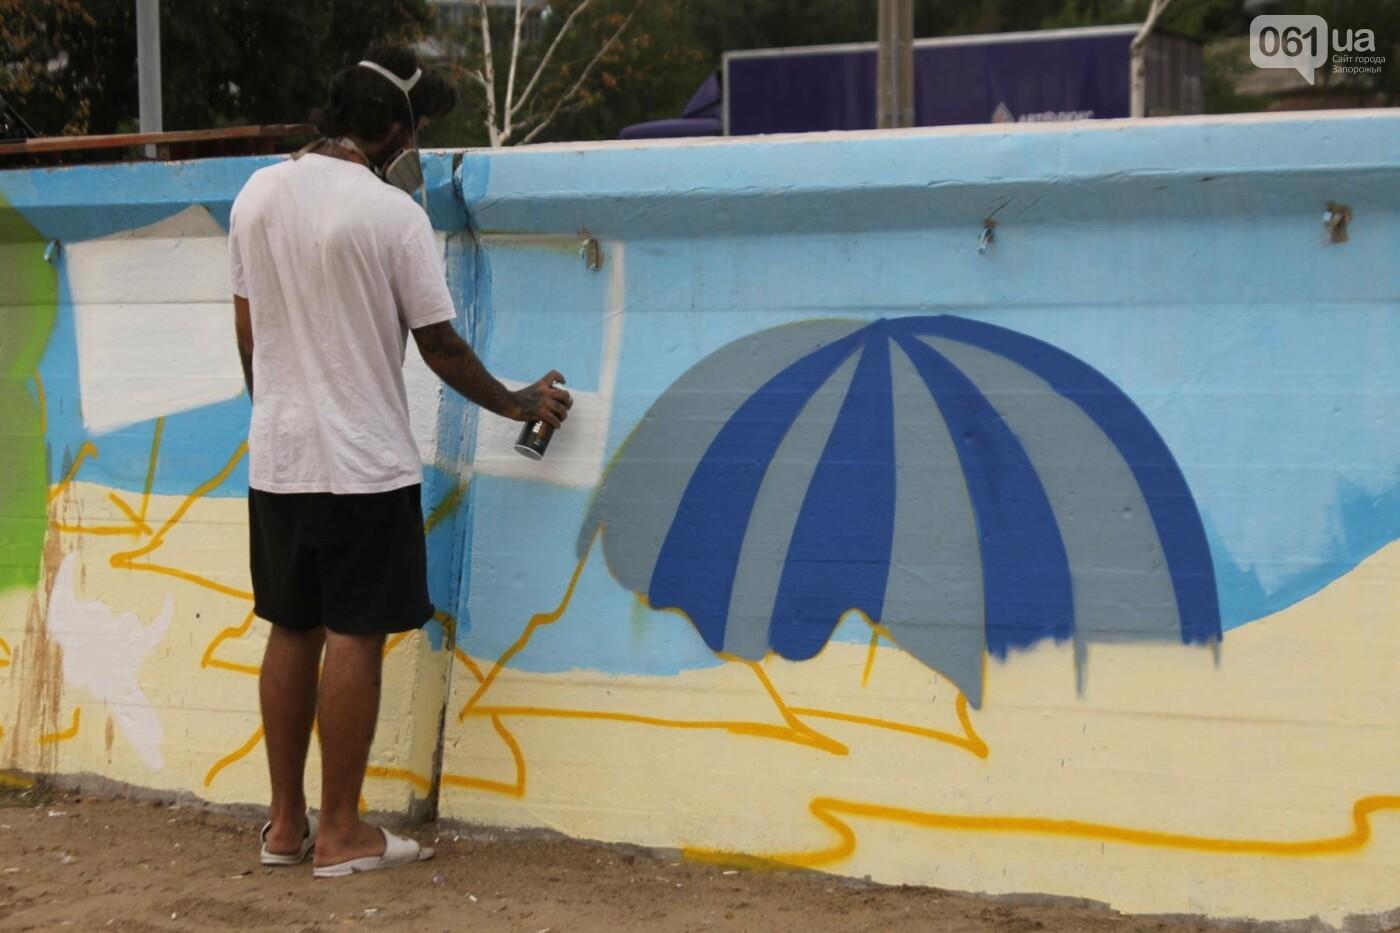 В Запорожье на пляже закончился фестиваль граффити: разрисовали 150 метров бетонной стены, – ФОТОРЕПОРТАЖ, фото-28